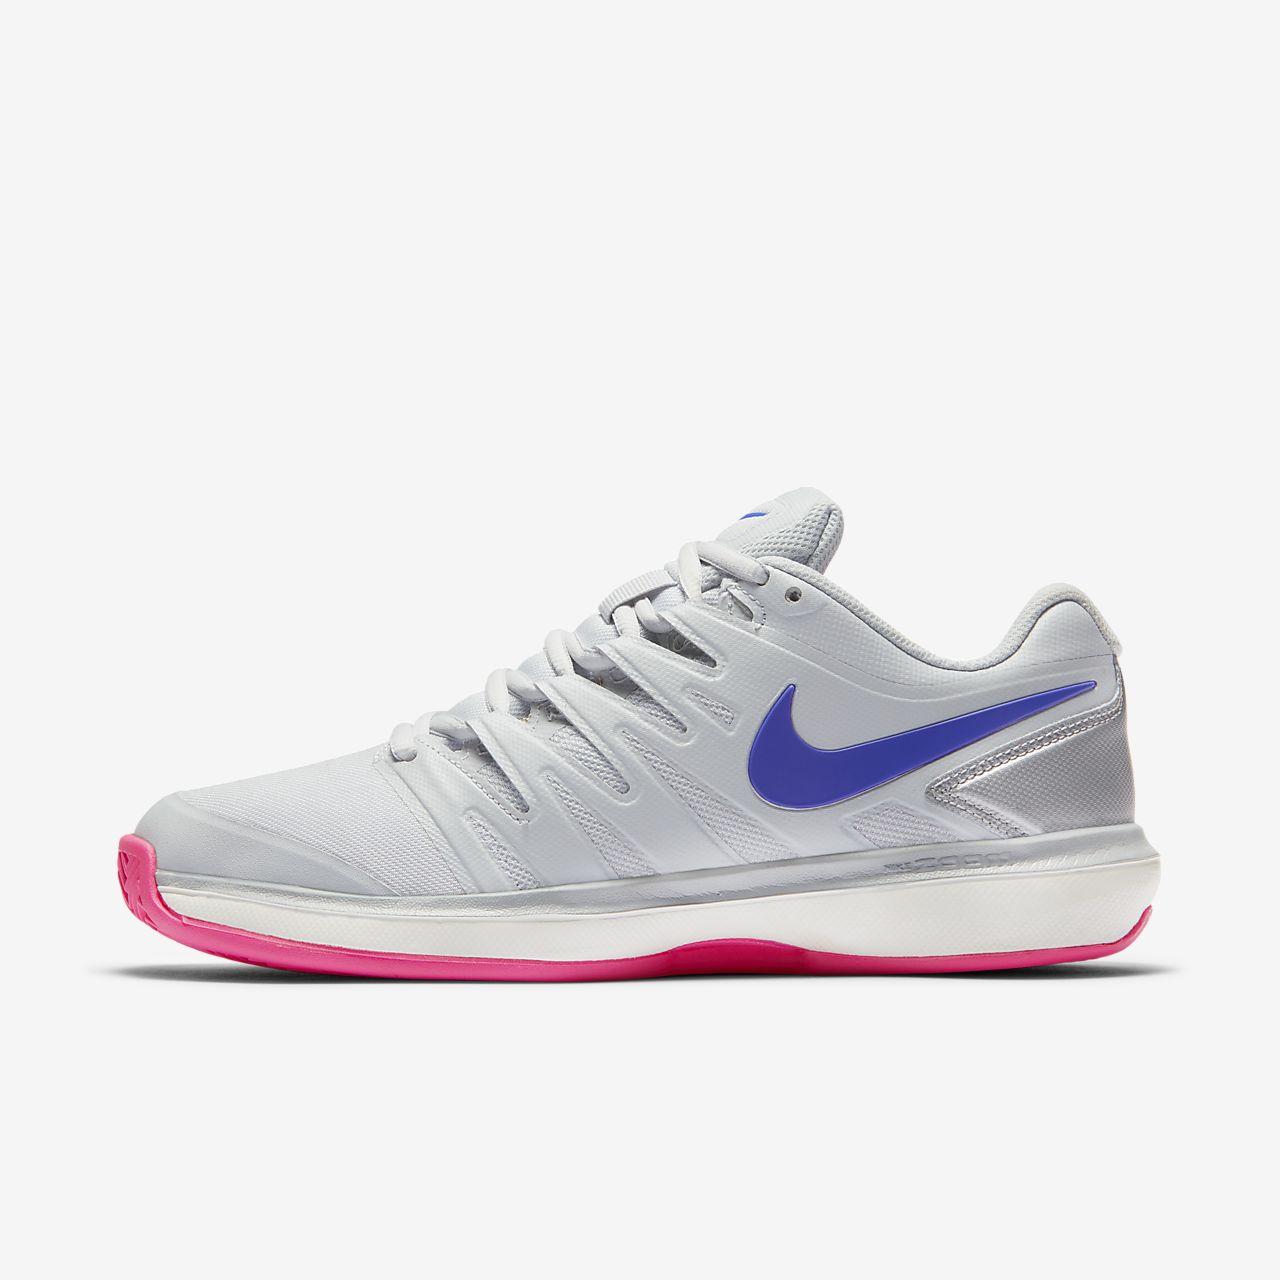 NikeCourt Air Zoom Prestige Sabatilles de tennis per a terra batuda - Dona